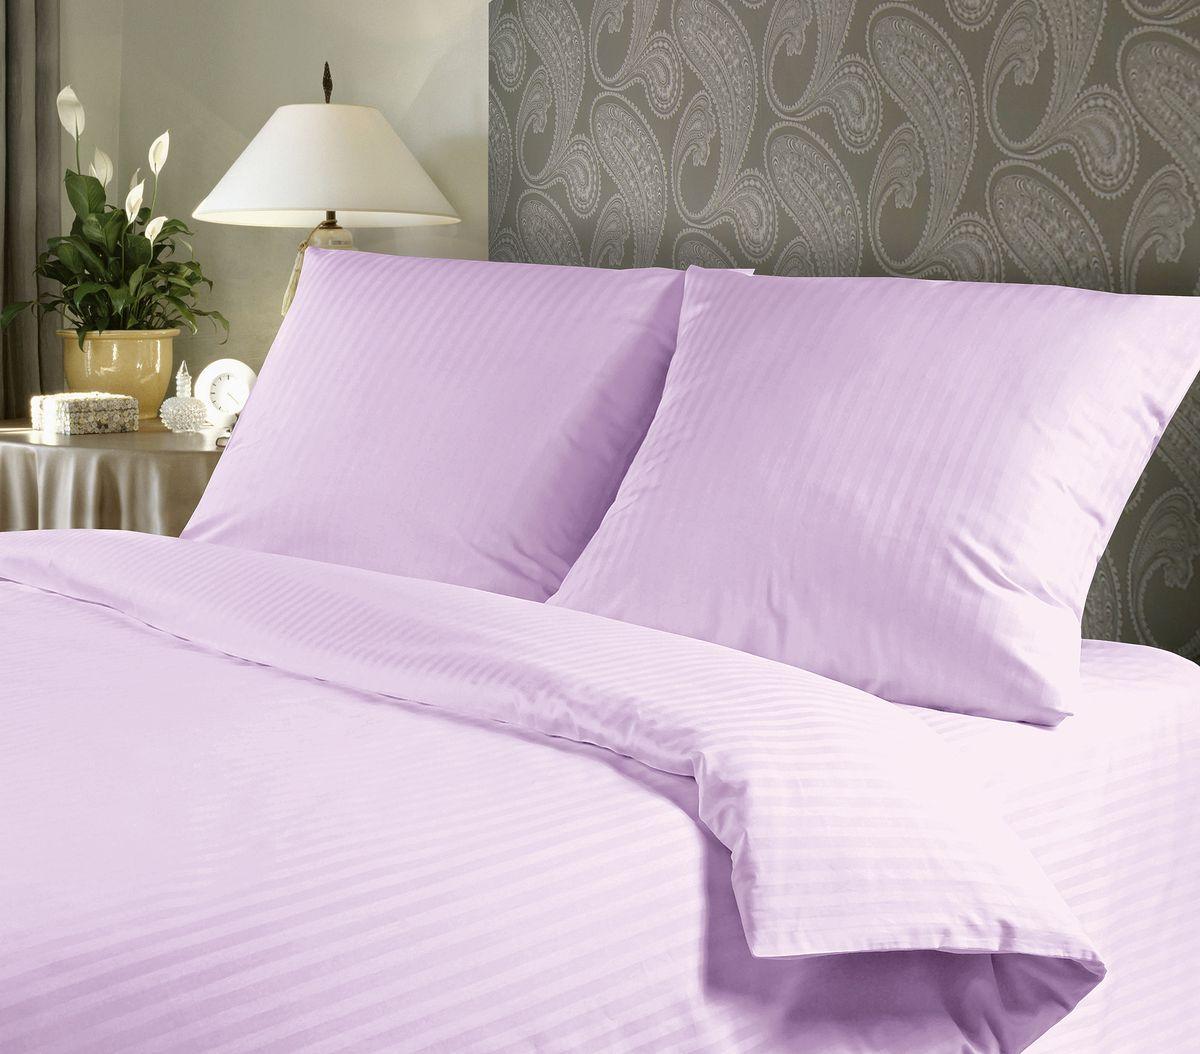 Комплект белья Verossa, 2-спальный, наволочки 70х70, цвет: сиреневыйCA-3505Сатин - настоящая роскошь для любителей понежиться в постели. Вас манит его блеск, завораживает гладкость, ласкает мягкость, и каждая минута с ним - истинное наслаждение.Тонкая пряжа и атласное переплетение нитей обеспечивают сатину мягкость и деликатность.Легкий блеск сатина делает дизайны живыми и переливающимися.100% хлопок, не электризуется и отлично пропускает воздух, ткань дышит.Легко стирается и практически не требует глажения.Не линяет, не изменяет вид после многочисленных стирок.